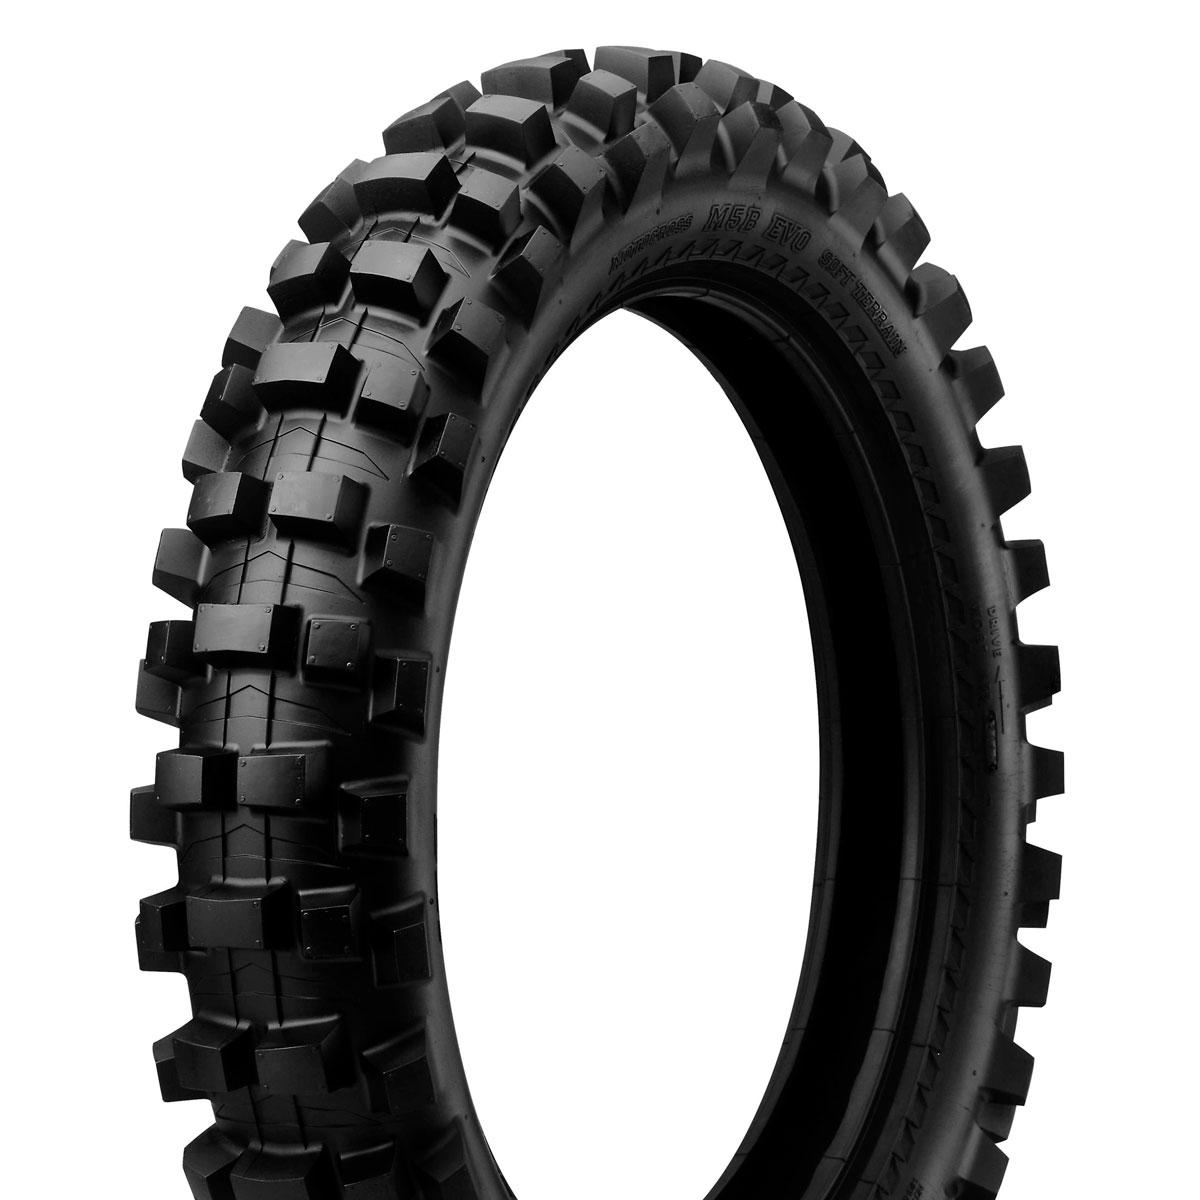 IRC M5B Evo 120/80-18 Rear Tire